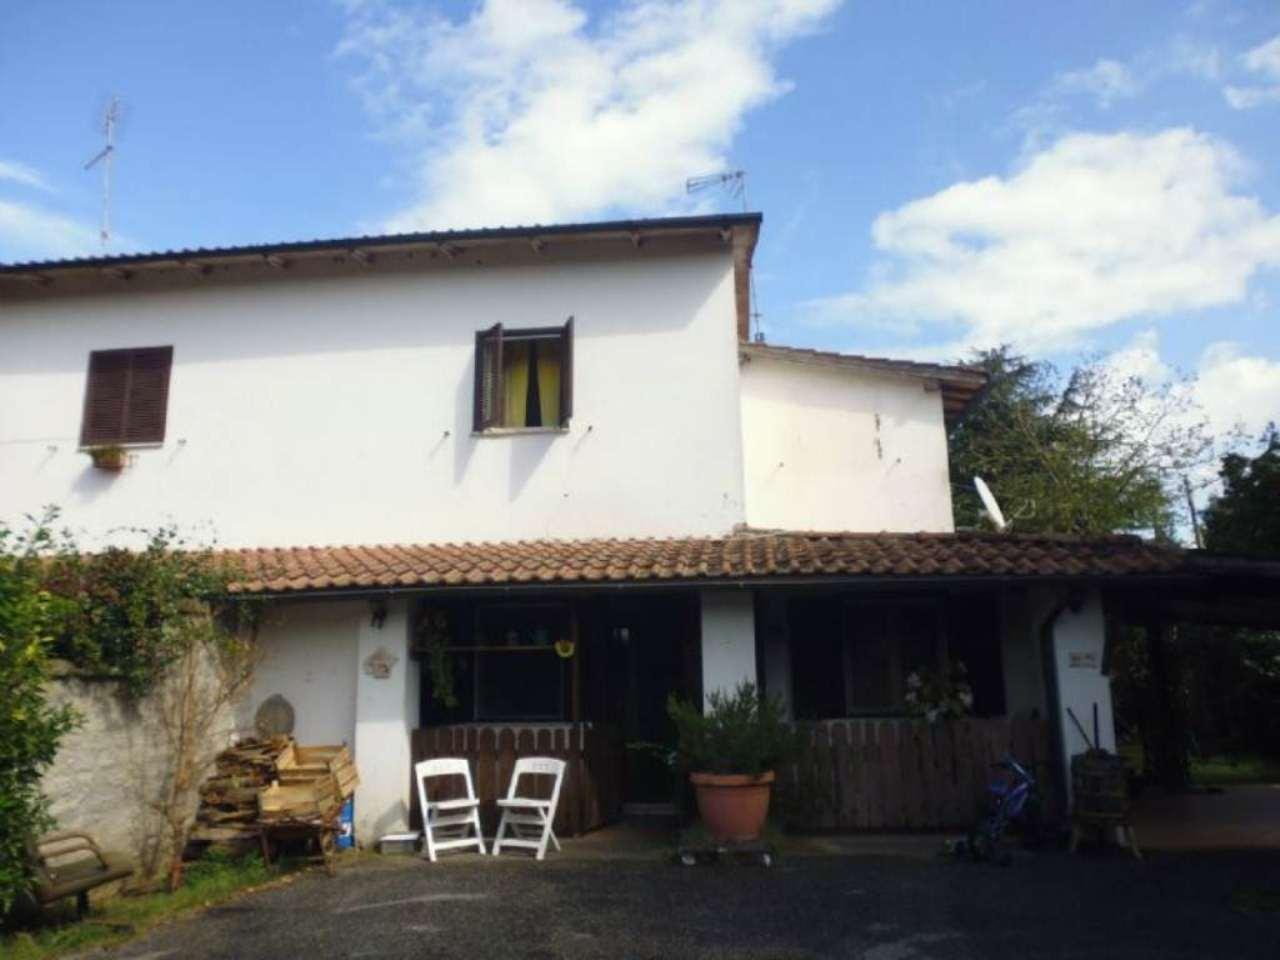 Soluzione Indipendente in vendita a Nepi, 9999 locali, prezzo € 169.000 | Cambio Casa.it